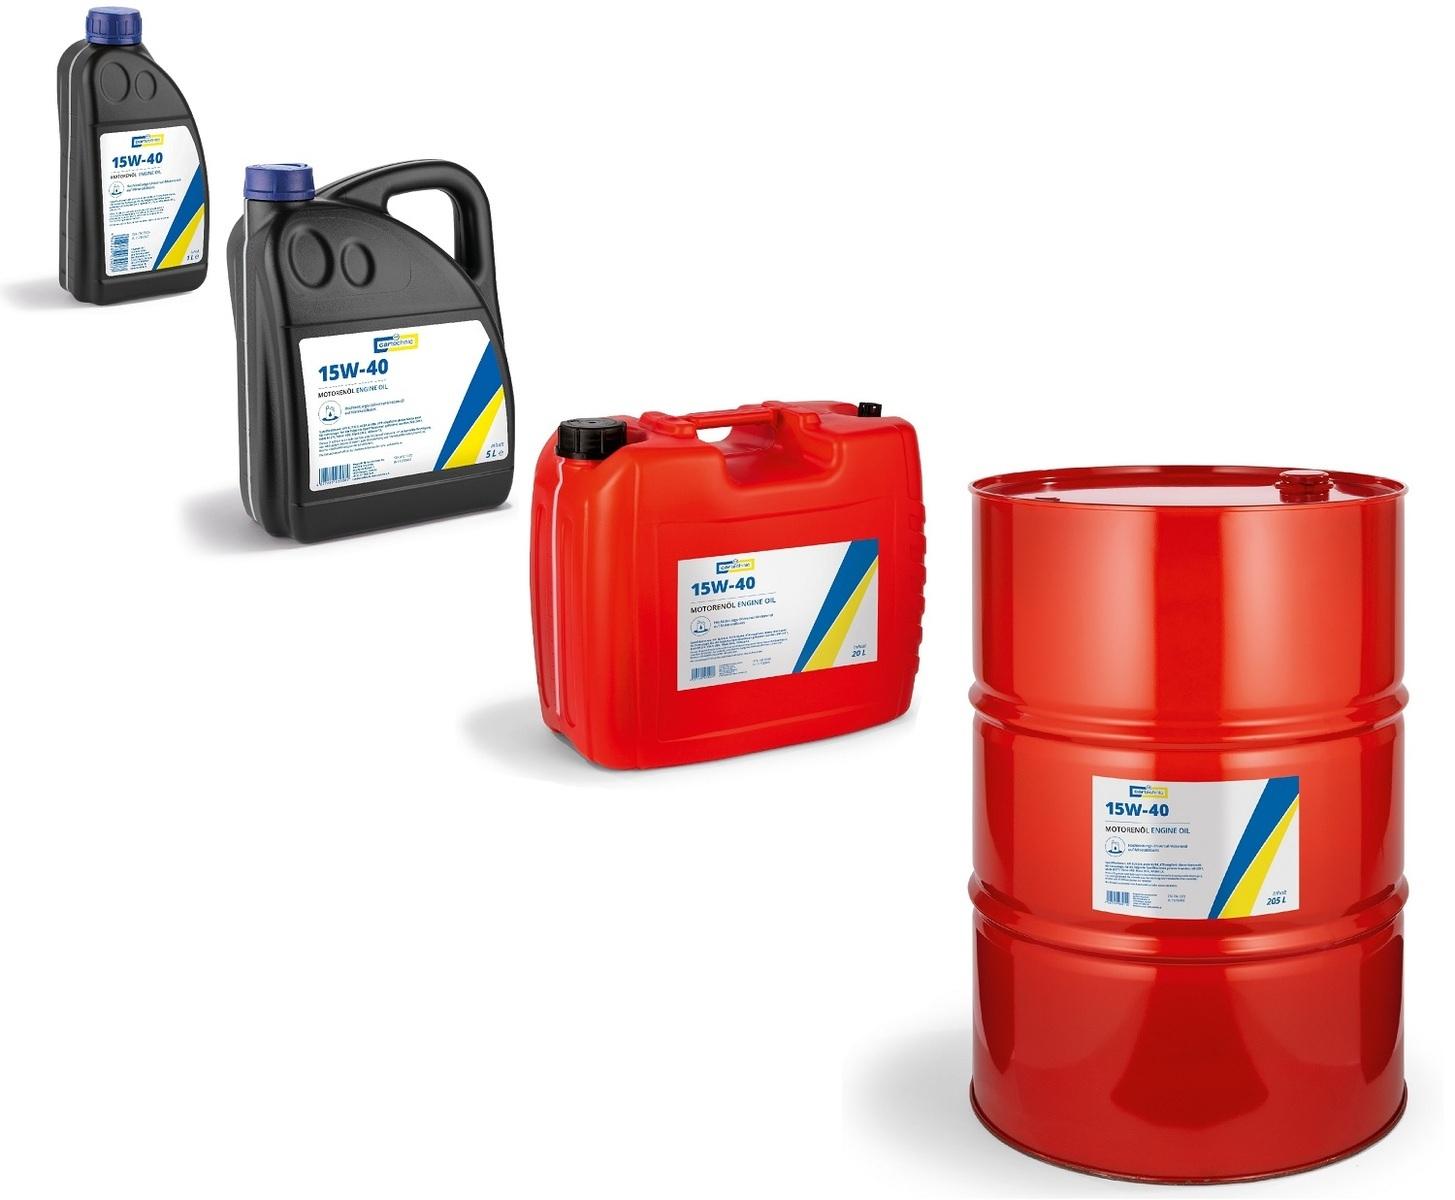 Motorový olej 15W-40, různé objemy - Cartechnic